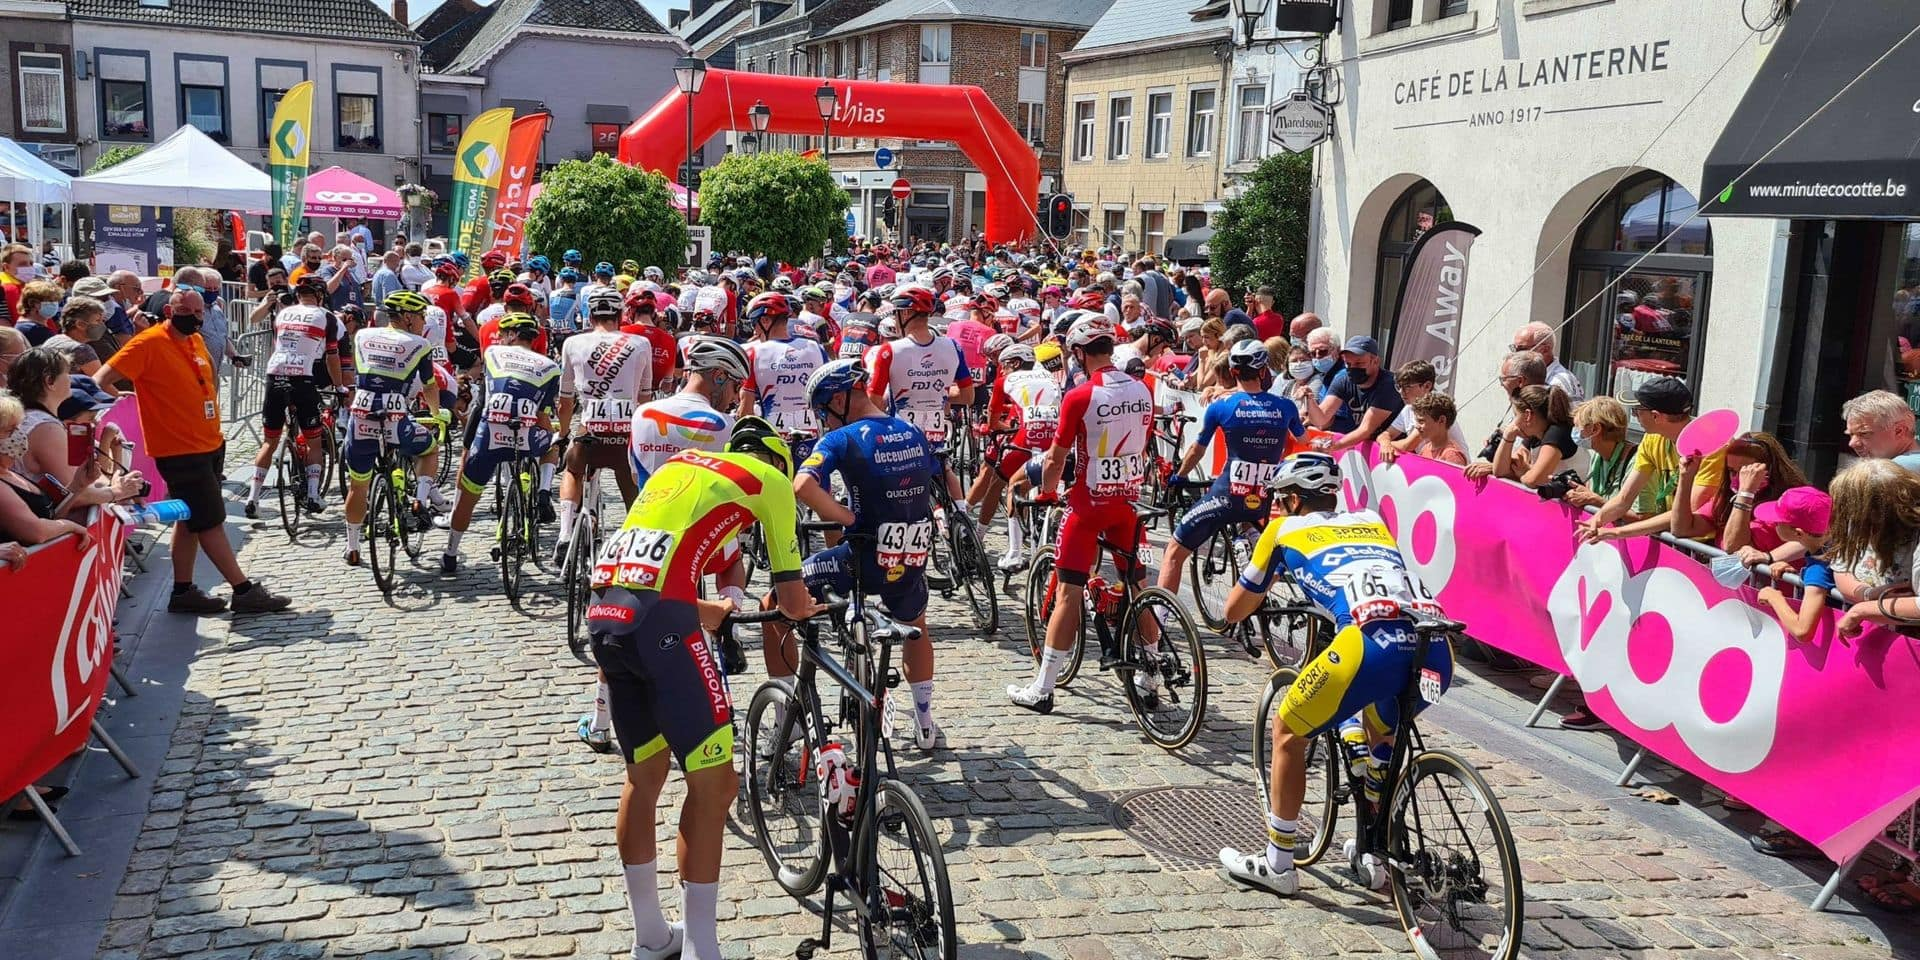 Tour de Wallonie: la 2ème étape, annulée ce lundi, aura finalement lieu sur le circuit de Zolder ce mercredi